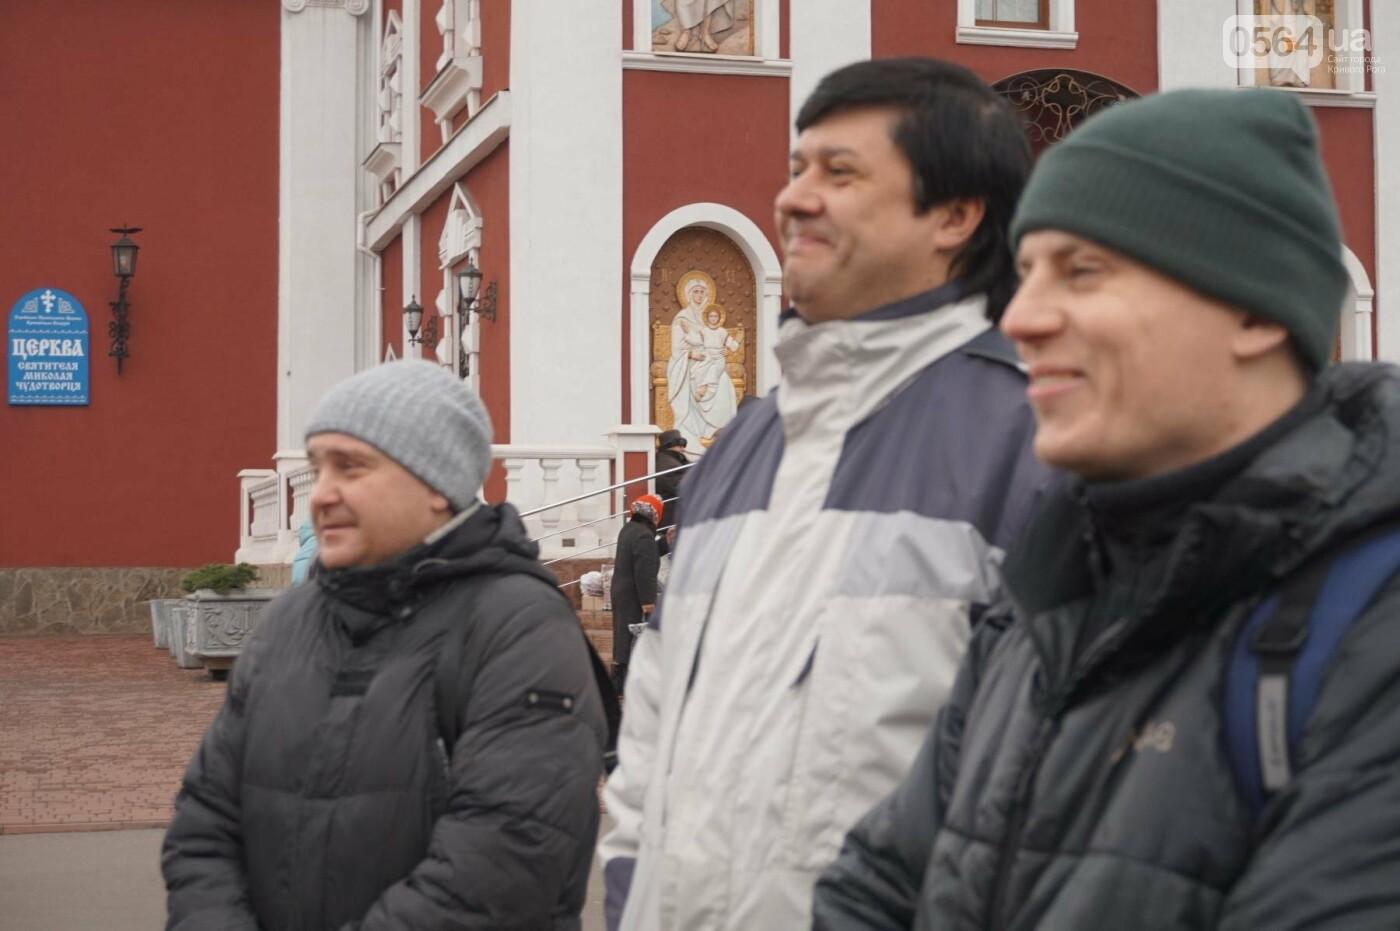 Криворожане, протестуя против политики УПЦ Московского патриархата,  принесли игрушки к храму (ФОТО, ВИДЕО), фото-4